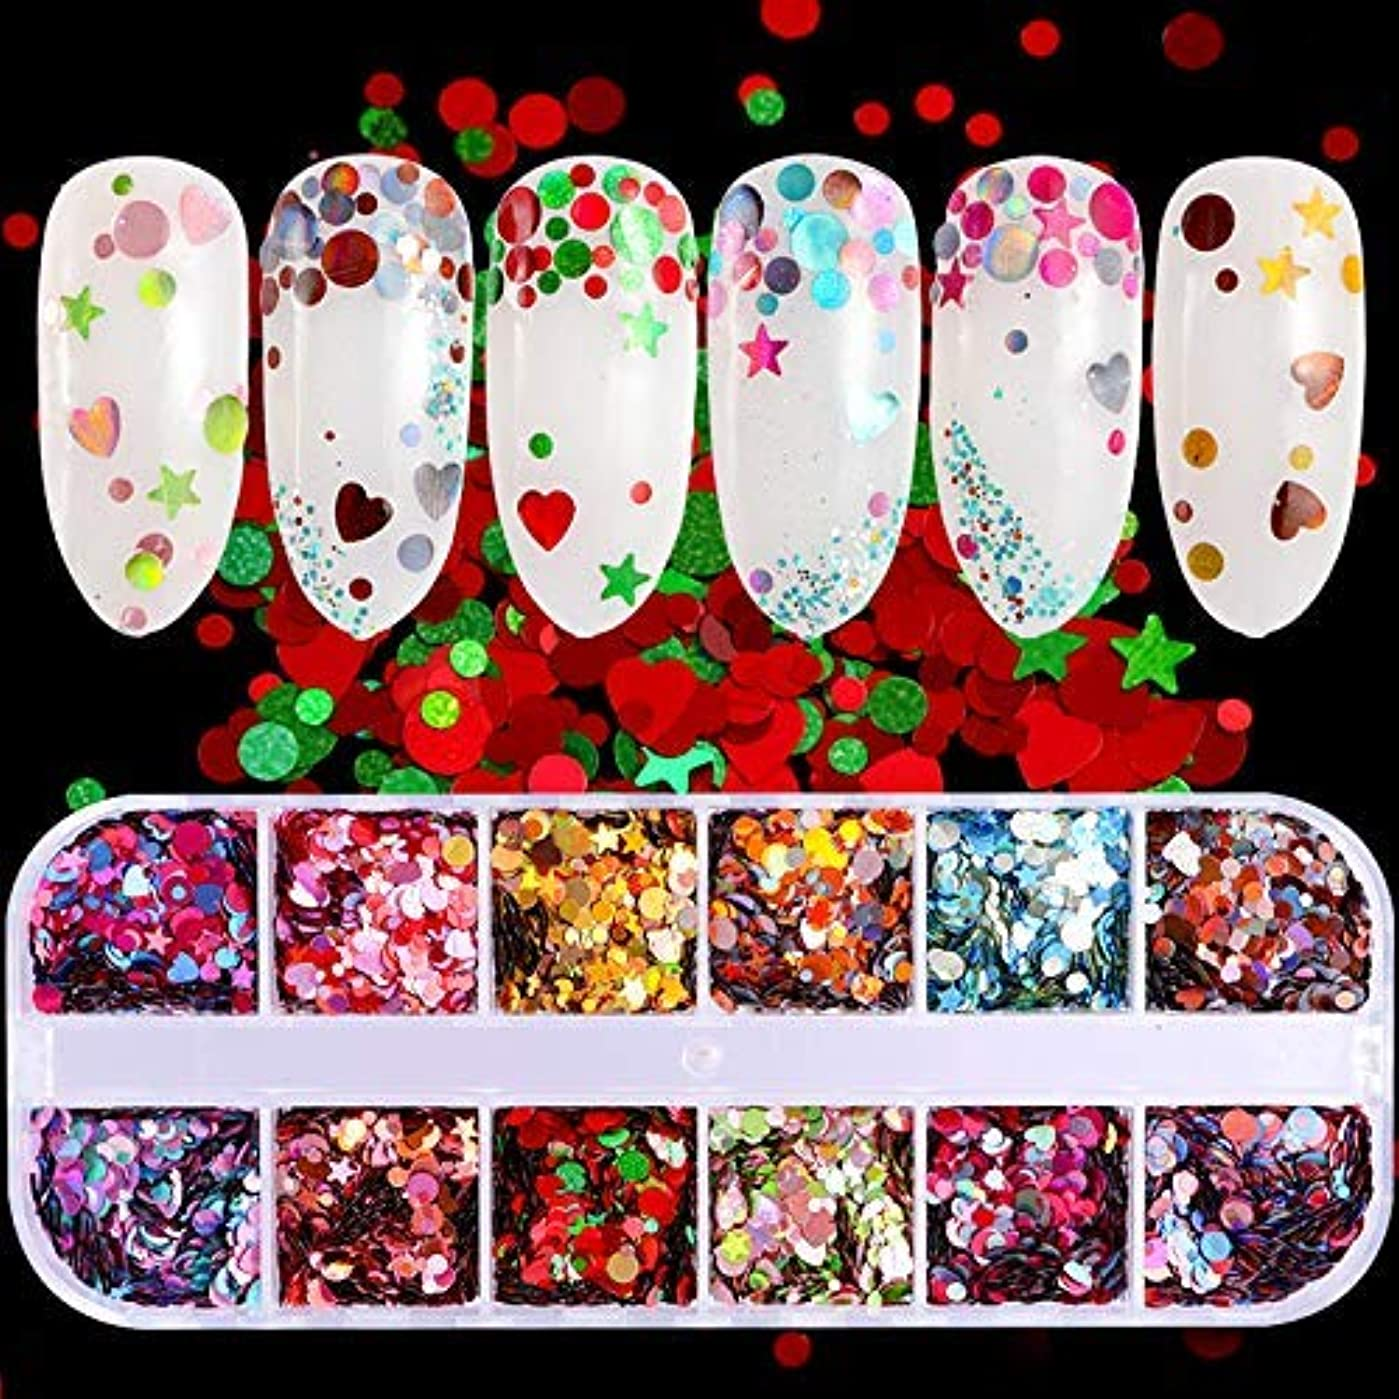 屋内でマーケティング派手1ボックスミックスカラー3サイズミックスラウンドスターハートグリッターホログラフィックスパンコールネイルアートパイレットデカールDIYチップ